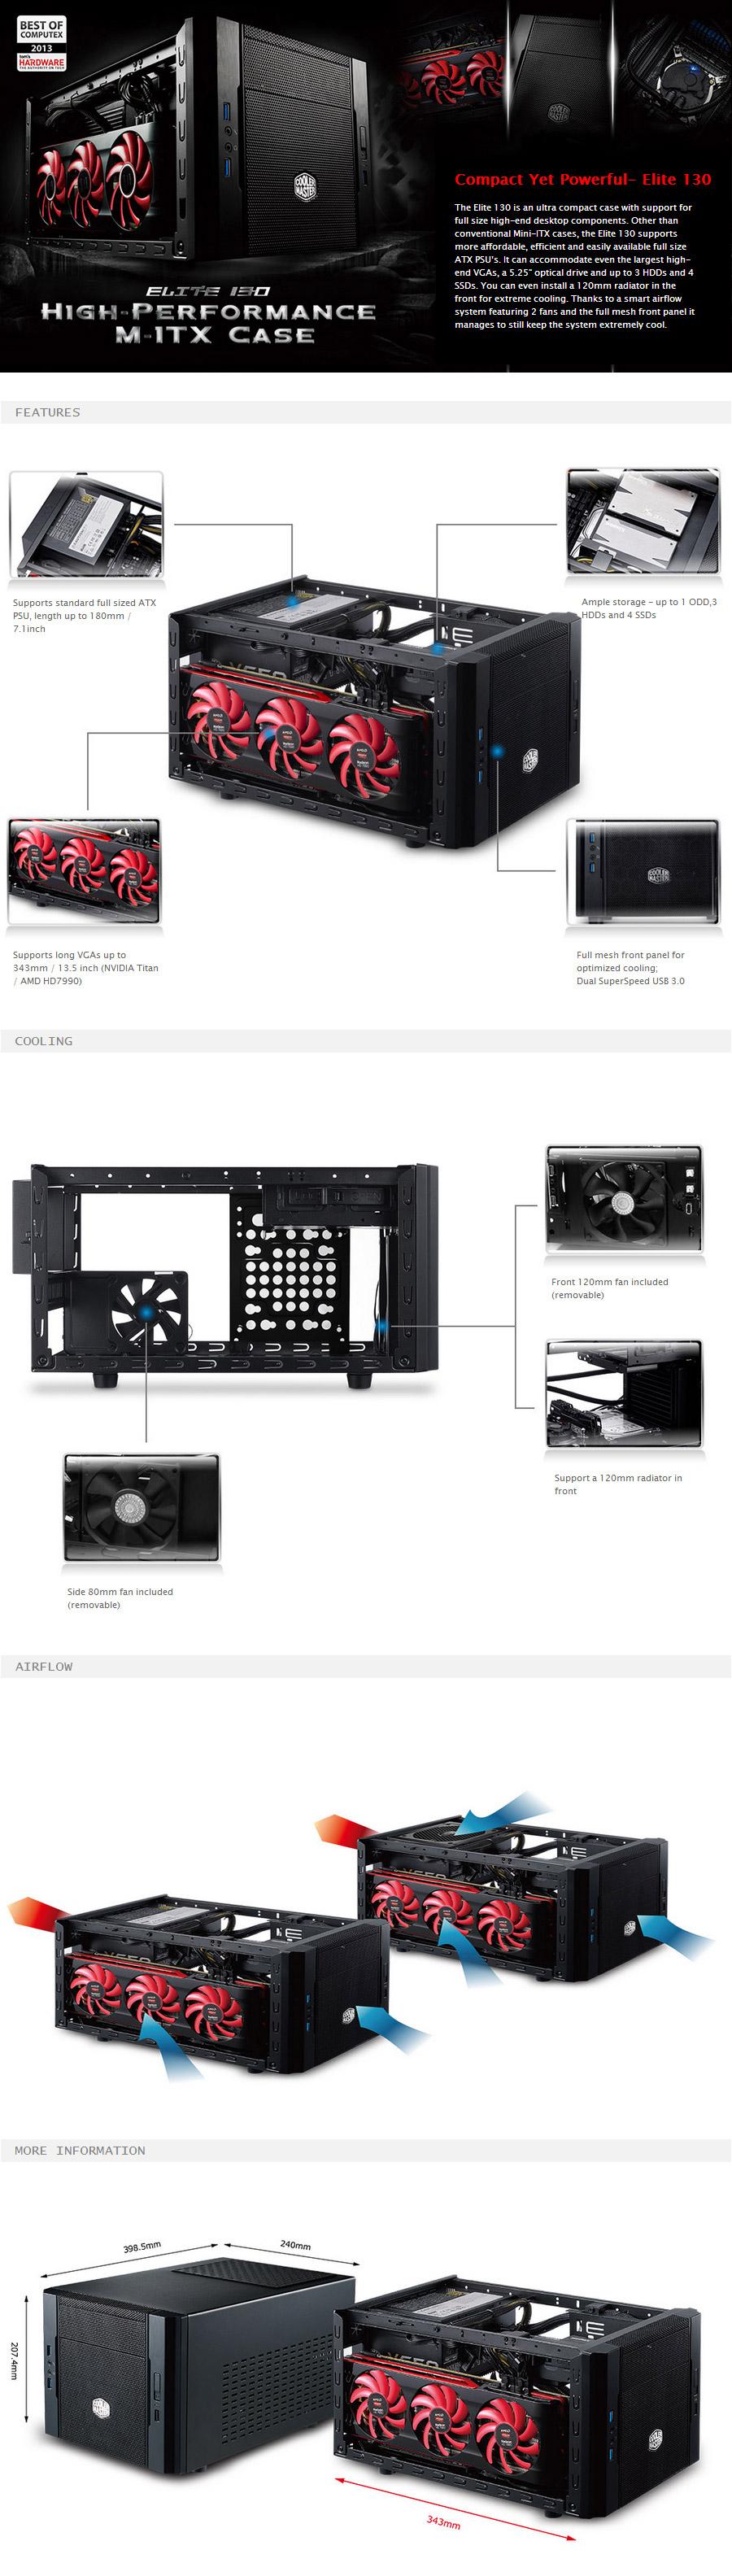 rc-130-kkn1-features.jpg